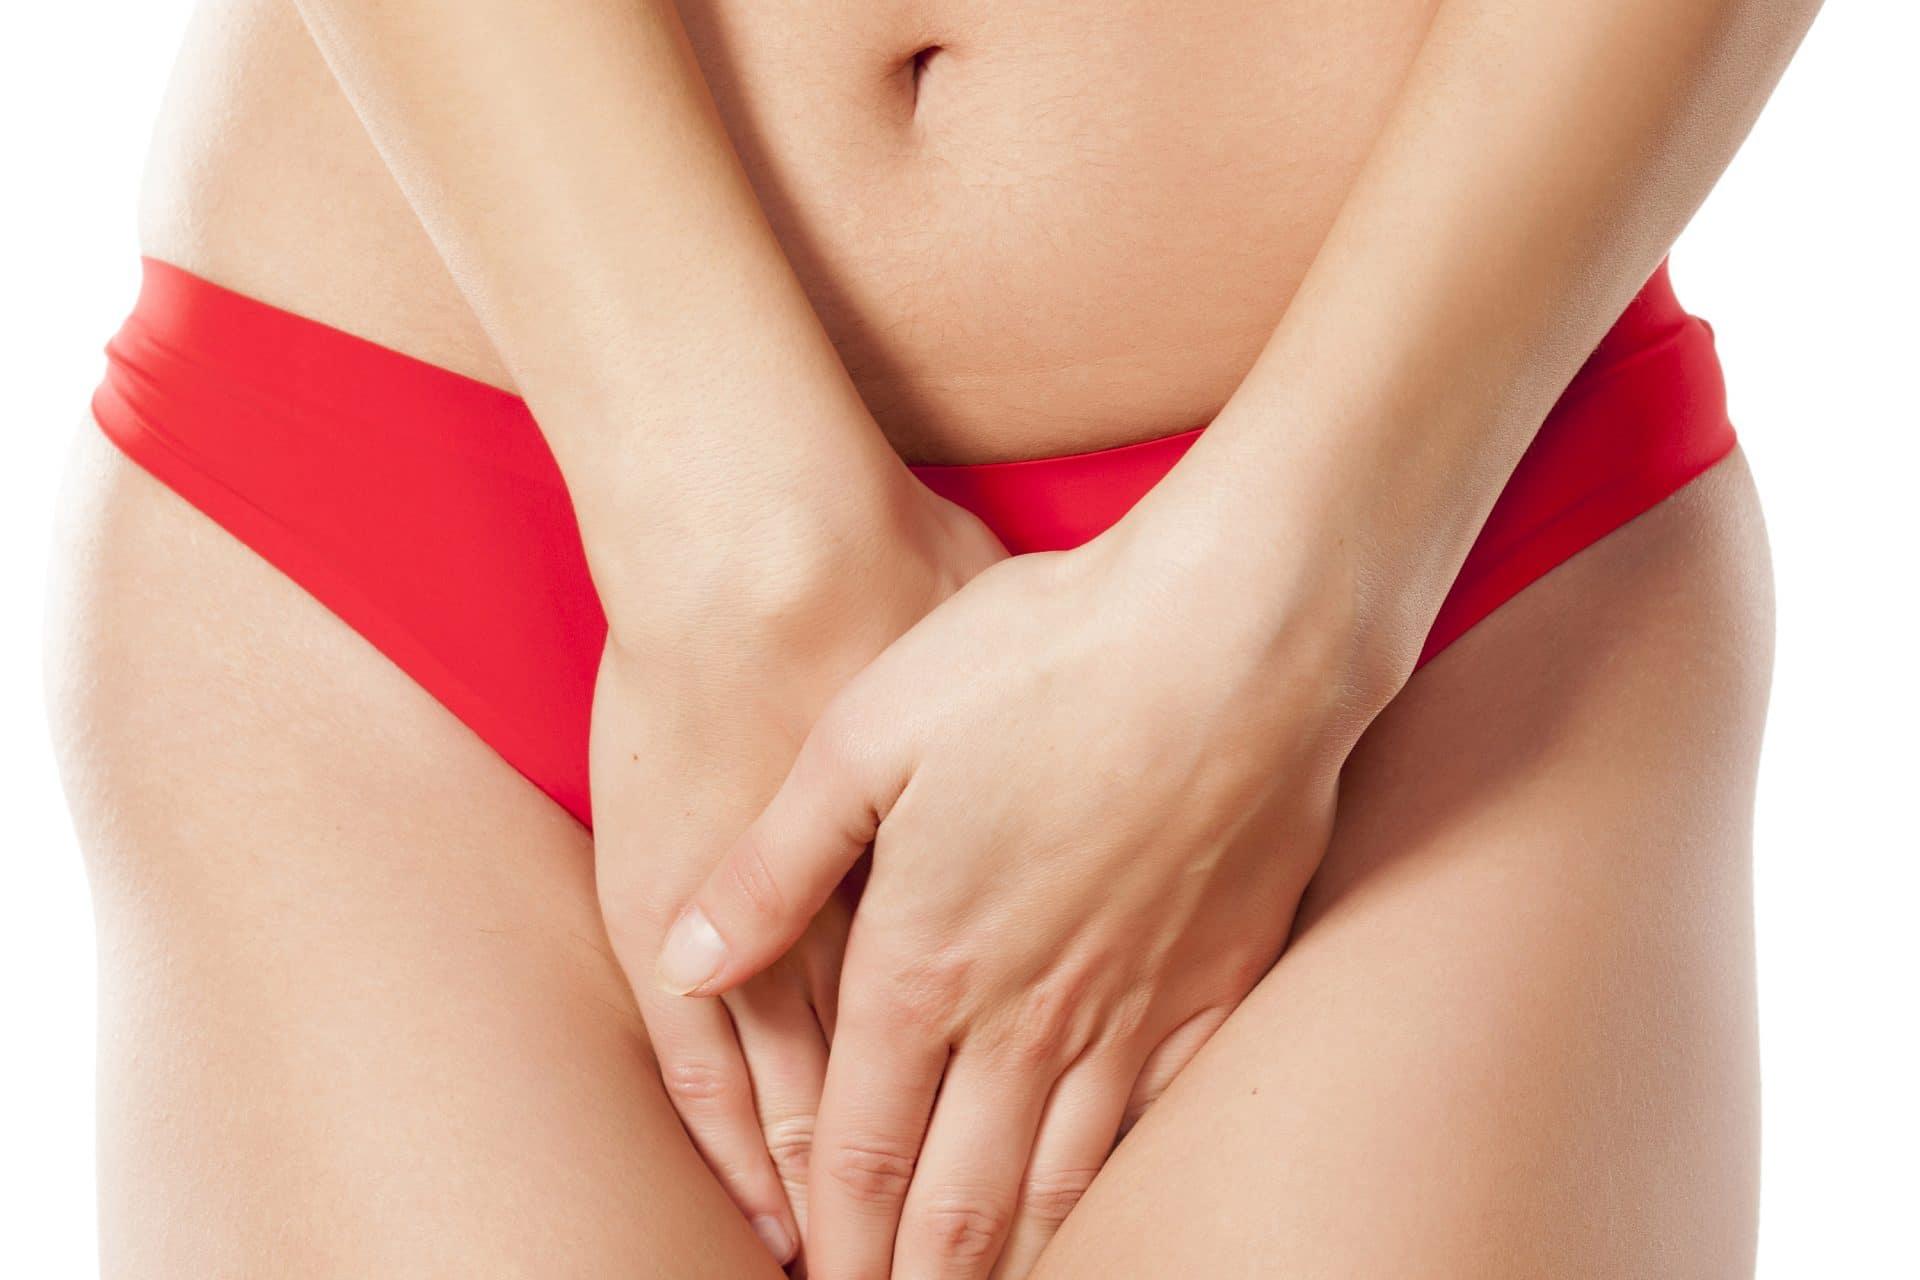 Почему после месячных зудит и чешется интимное место